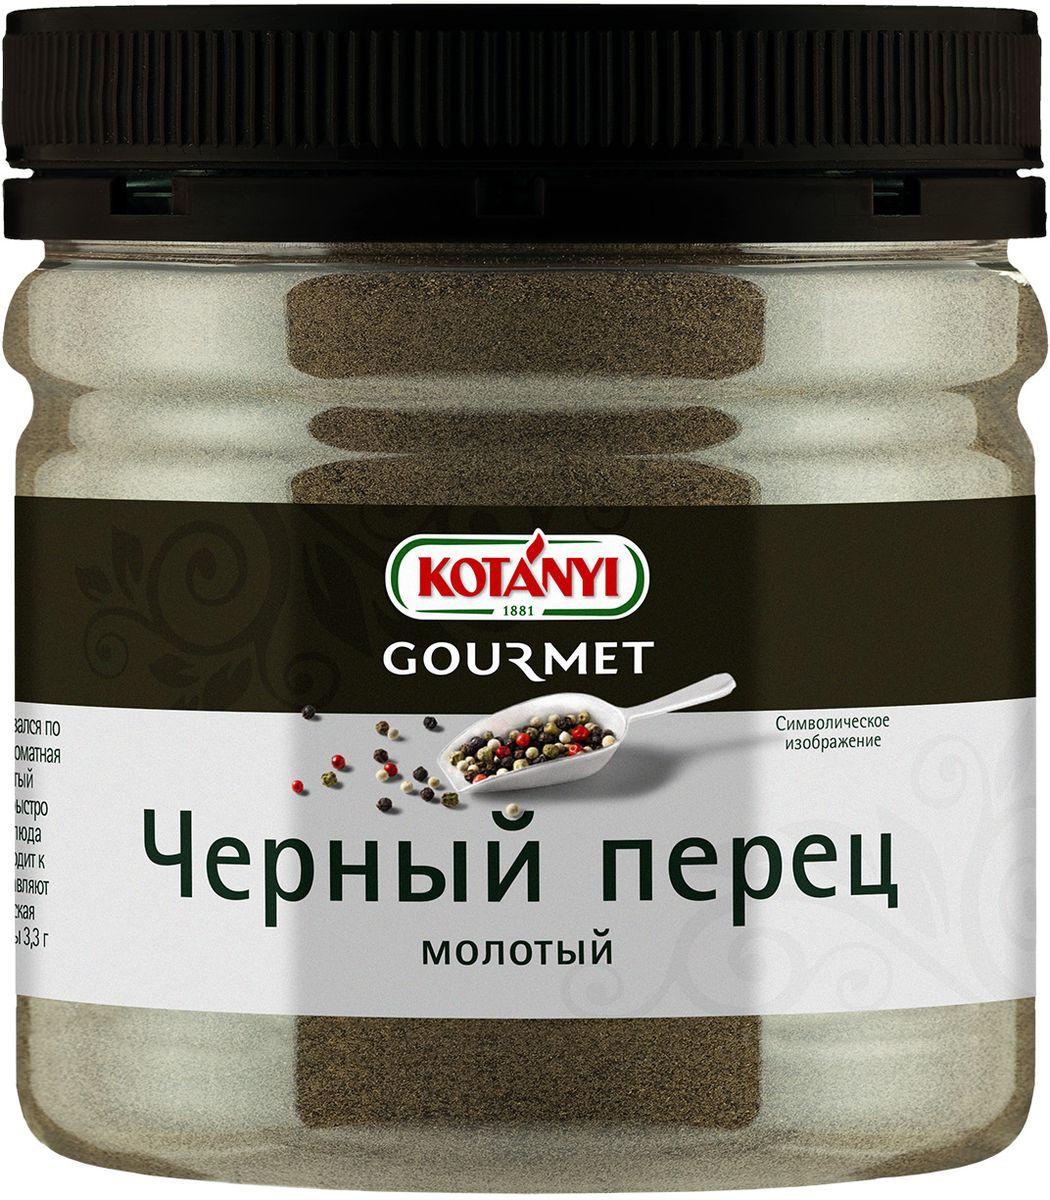 Kotanyi Черный перец молотый, 180 г черный перец молотый mensperis классический 35 г